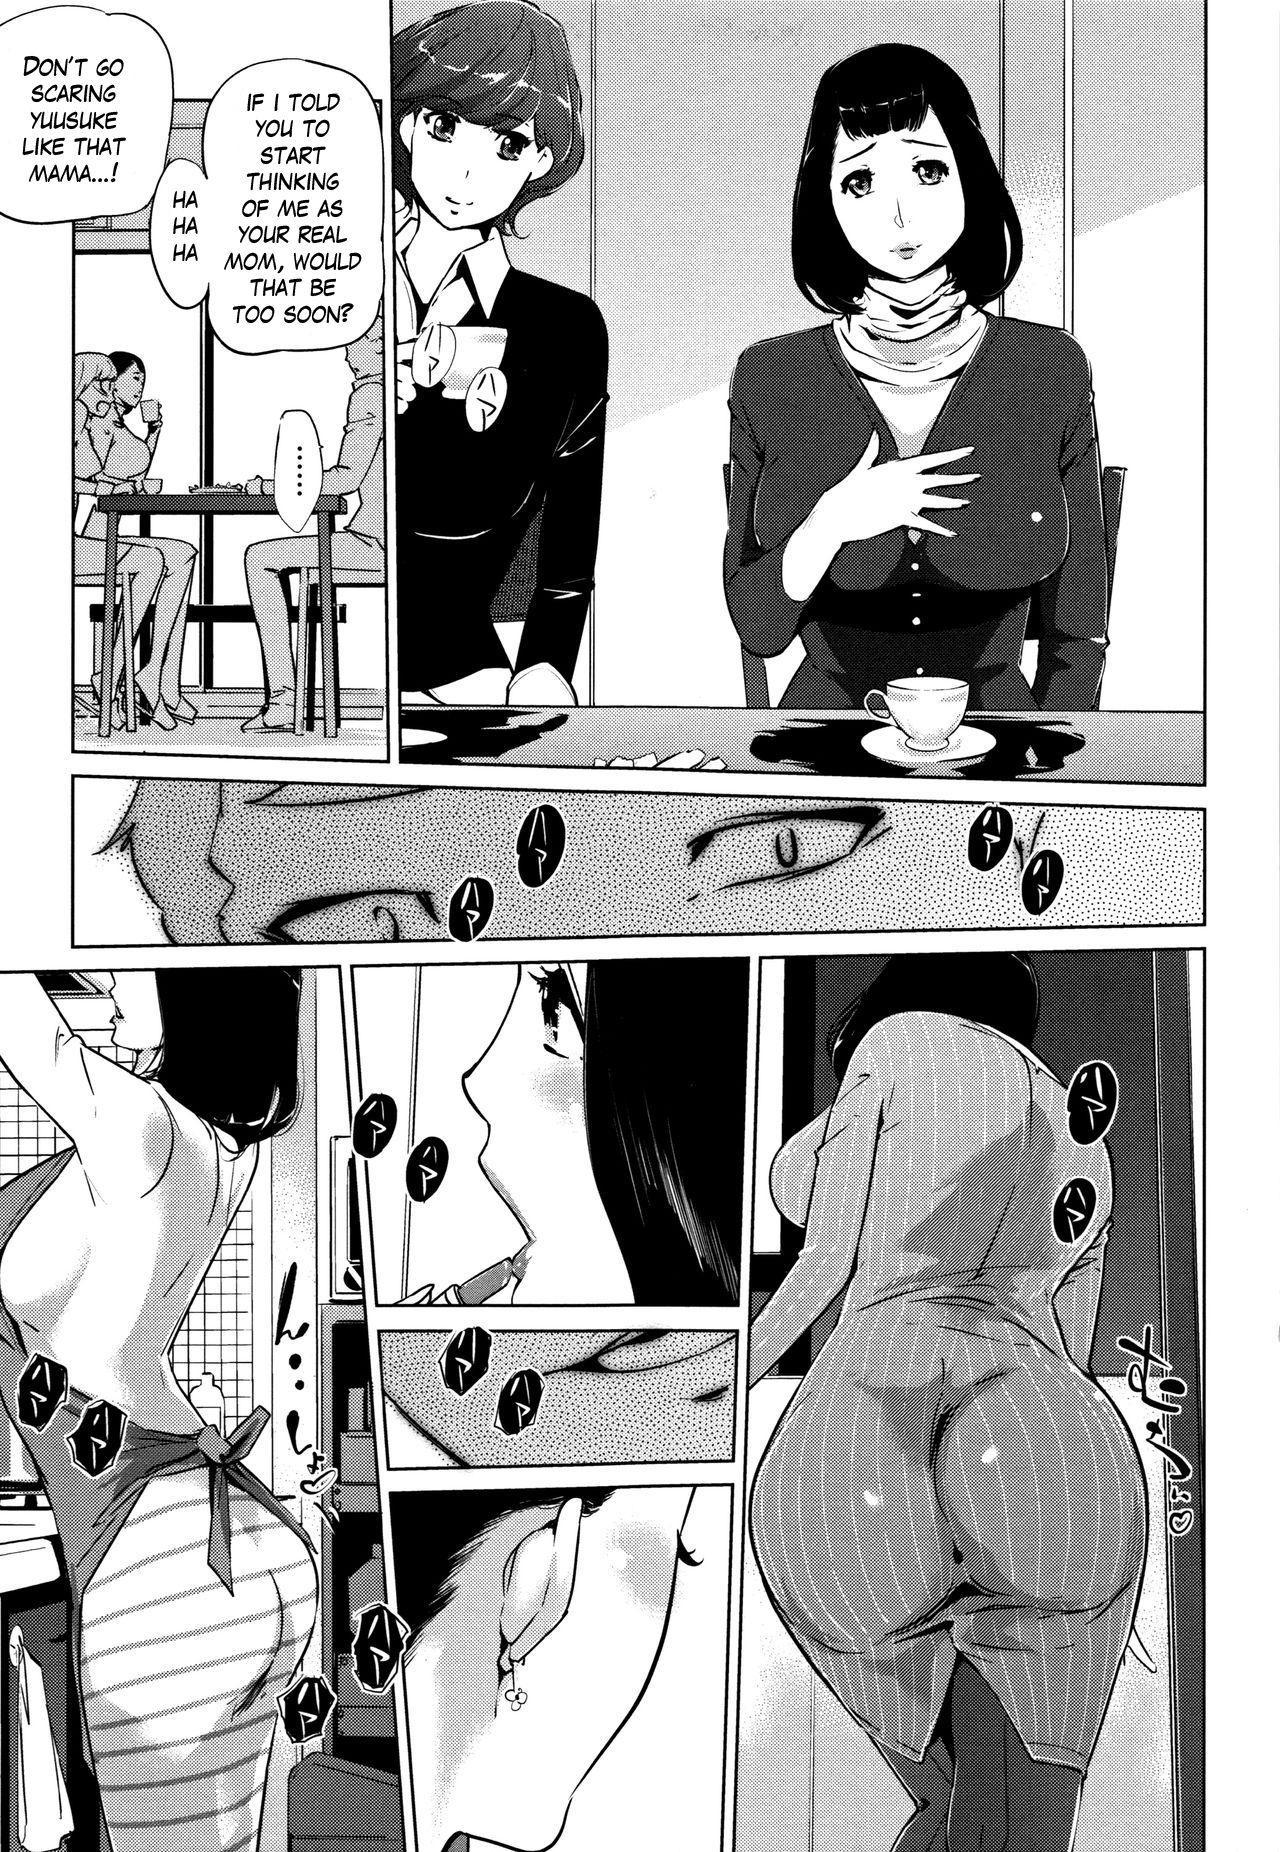 [Clone Ningen] Shinjuiro no Zanzou ~Kazoku ga Neshizumatta Ato de~ Ch. 5 [English] 8